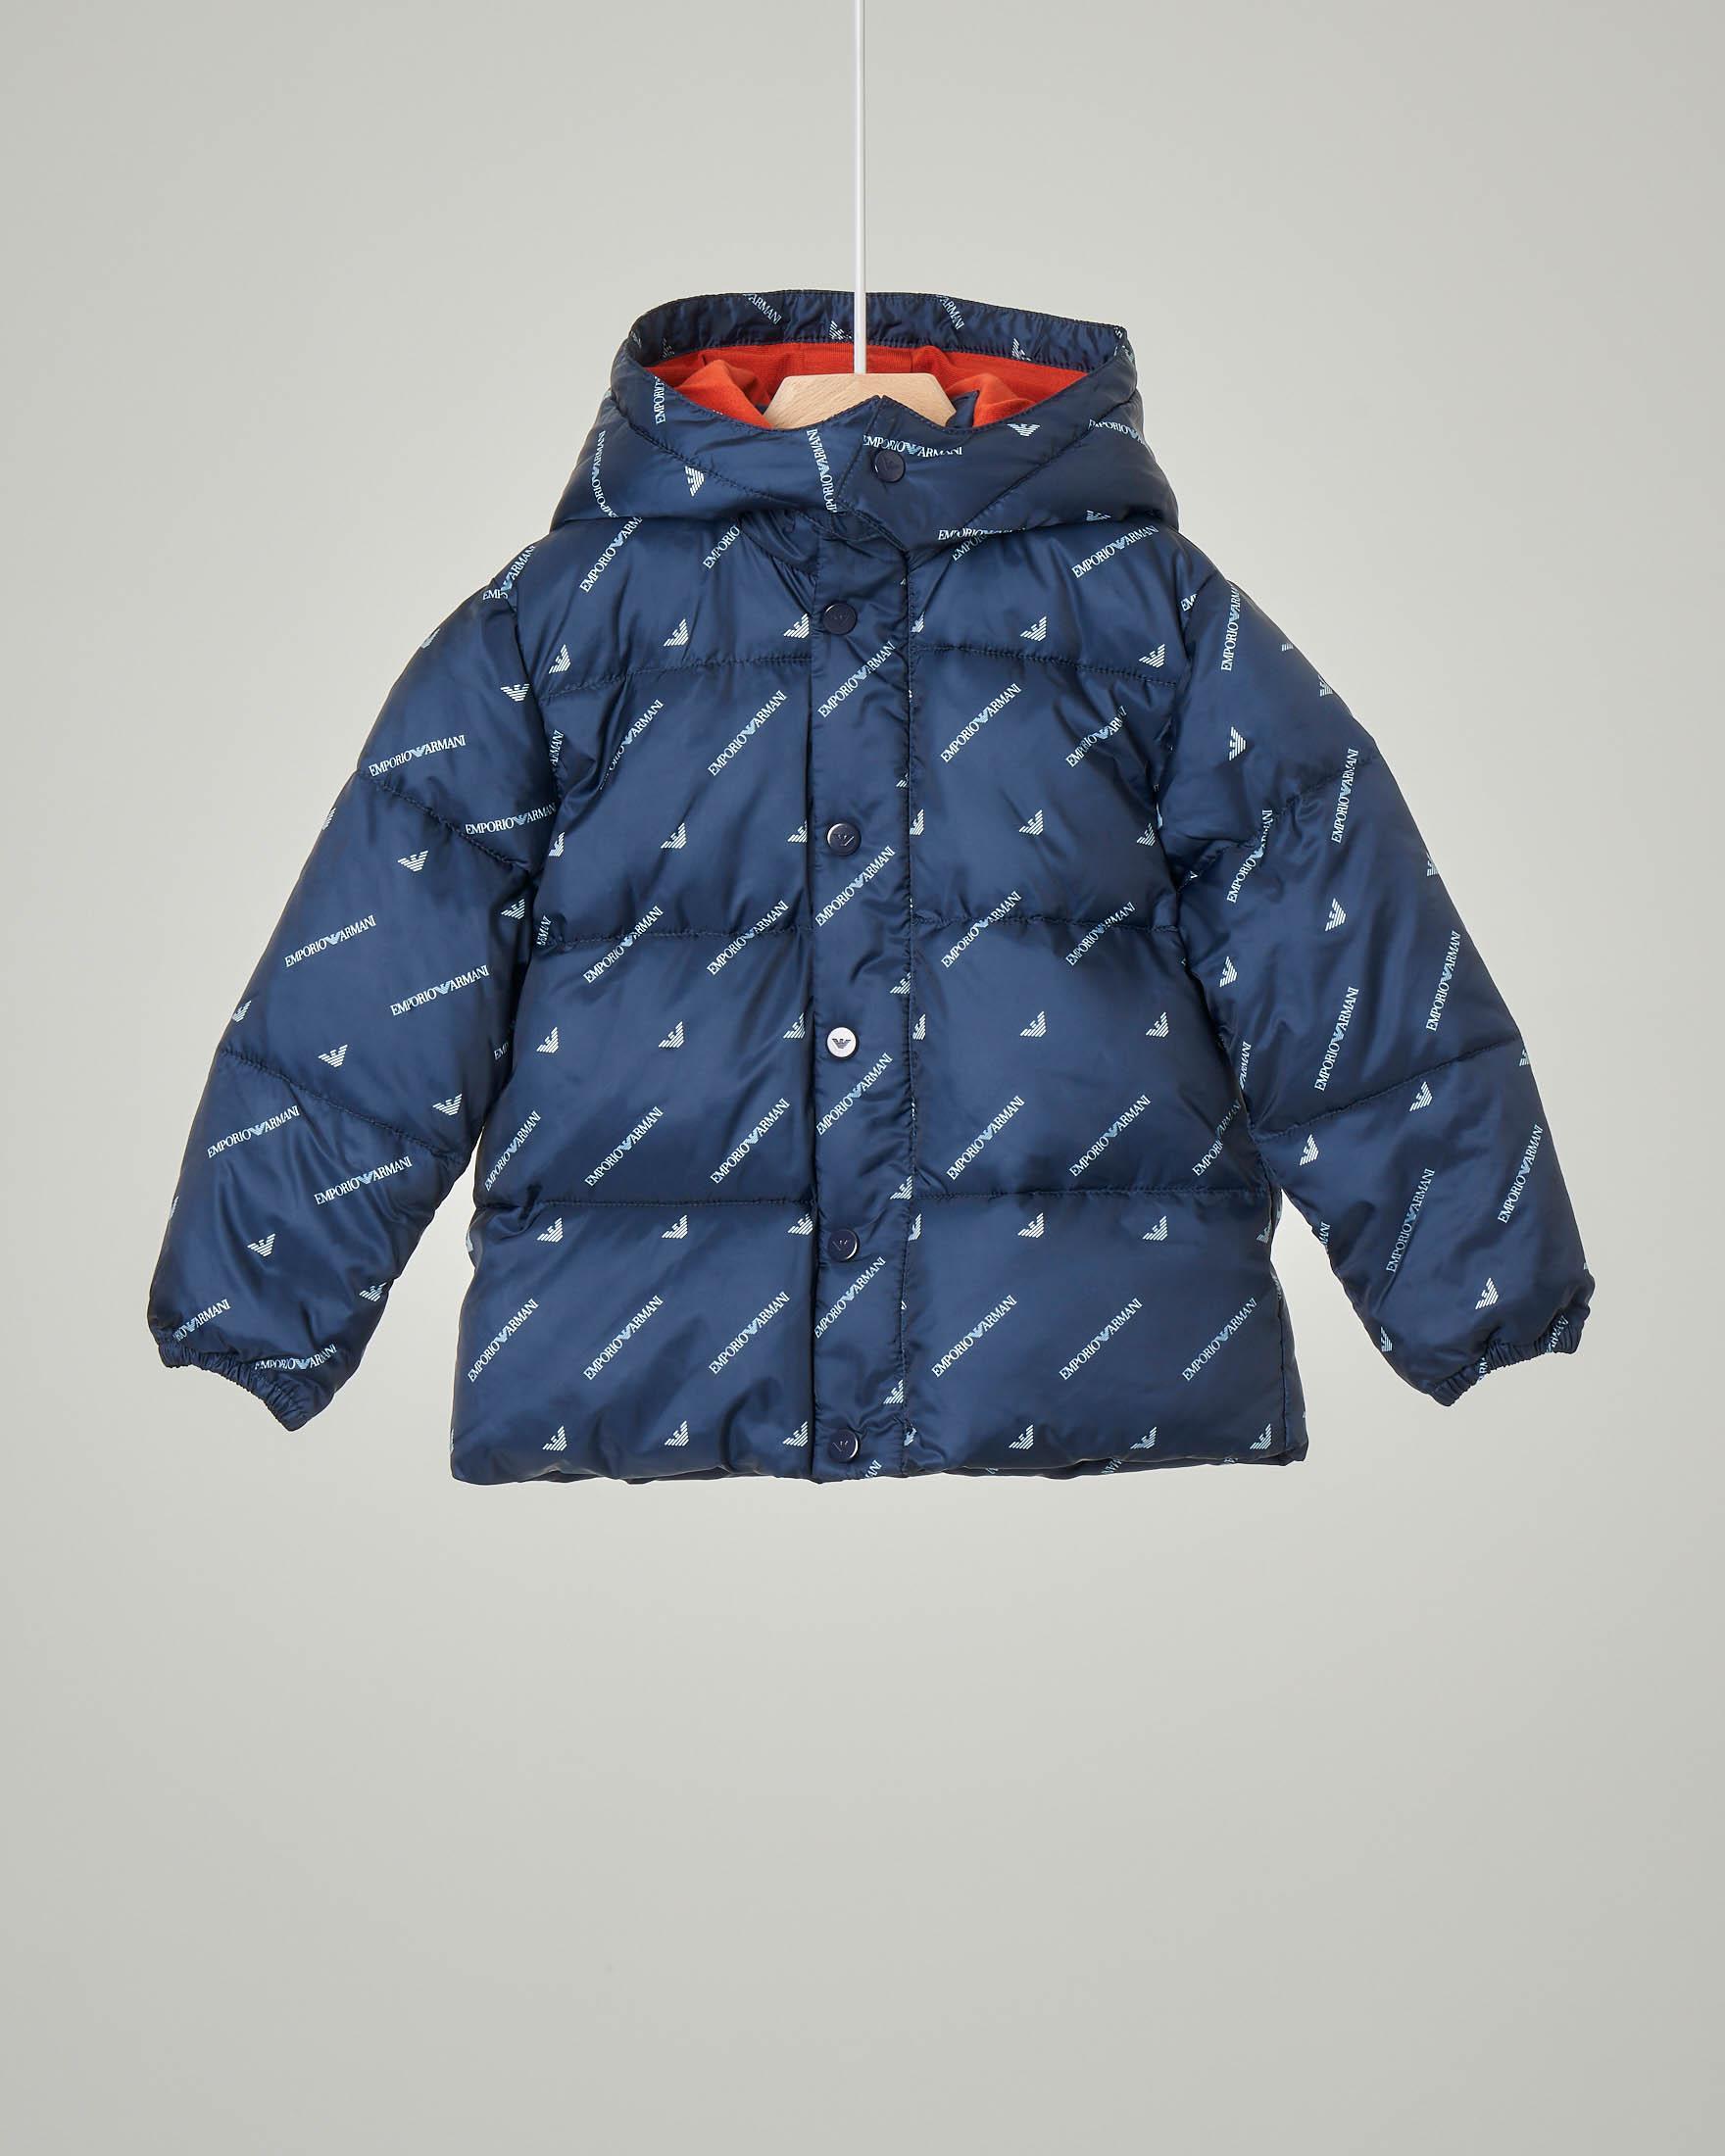 Piumino blu con cappuccio staccabile e logo all over 12-36 mesi